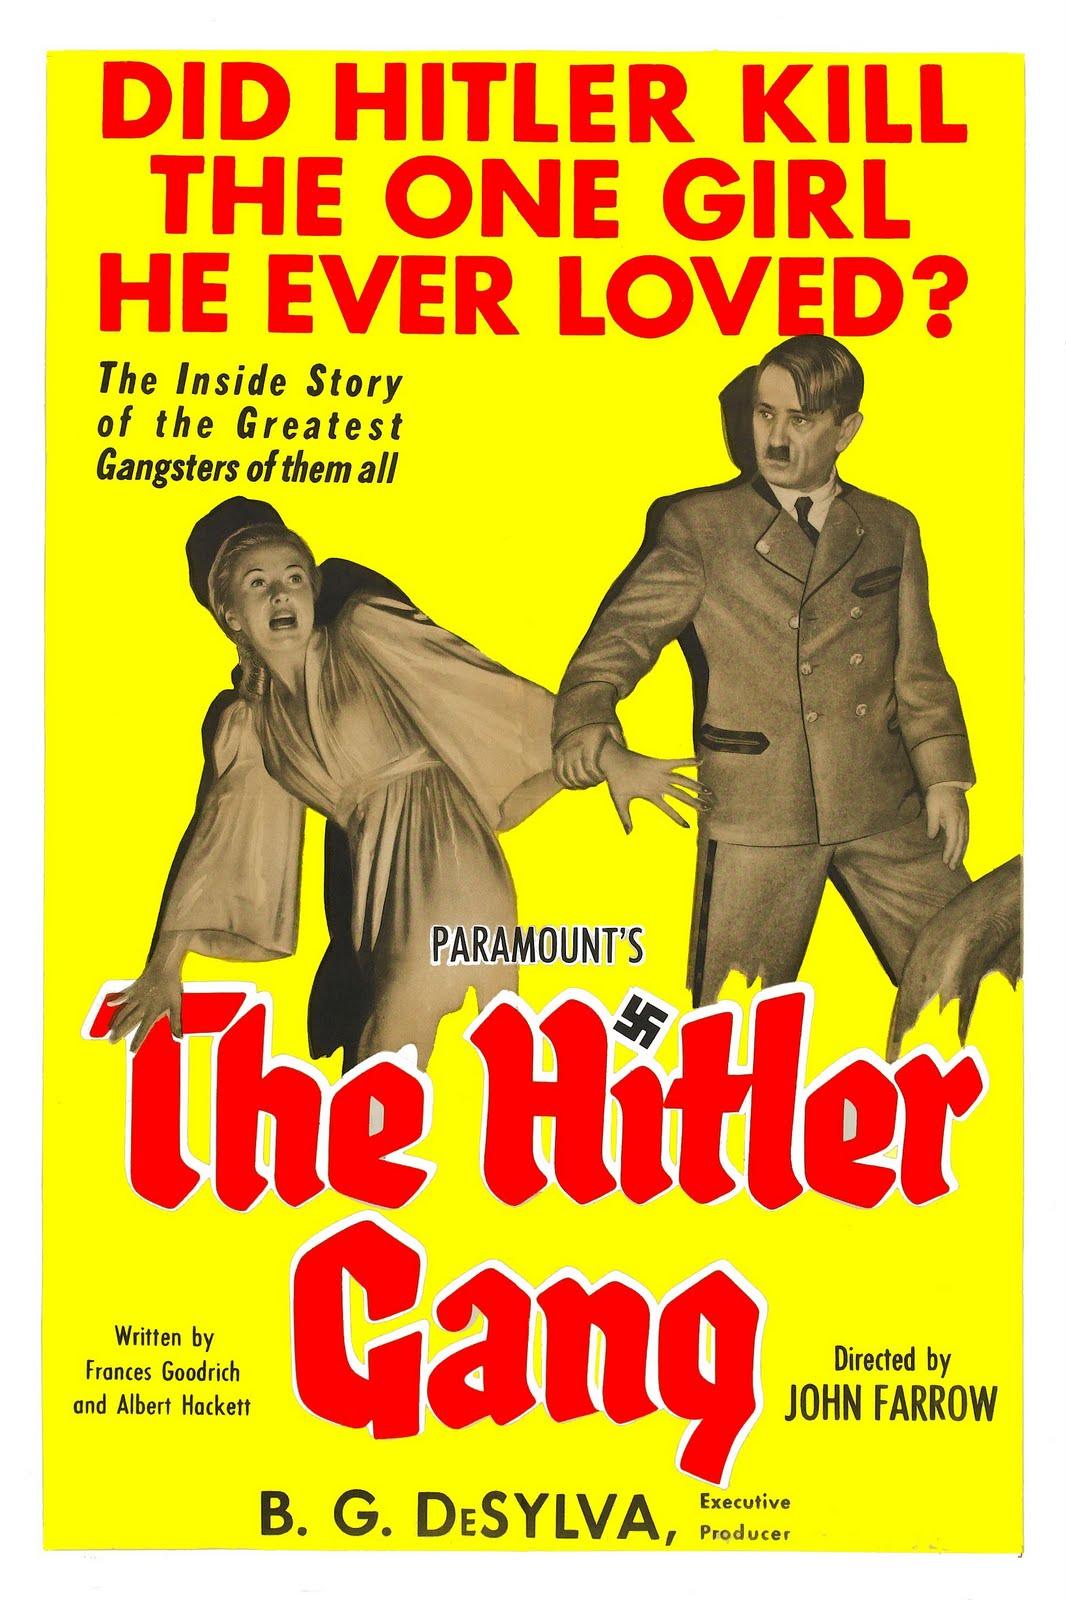 http://1.bp.blogspot.com/-t0qjxiRGGm4/TXBkA7D3cVI/AAAAAAAAAuc/gELQfg6caho/s1600/HitlerGang.jpg